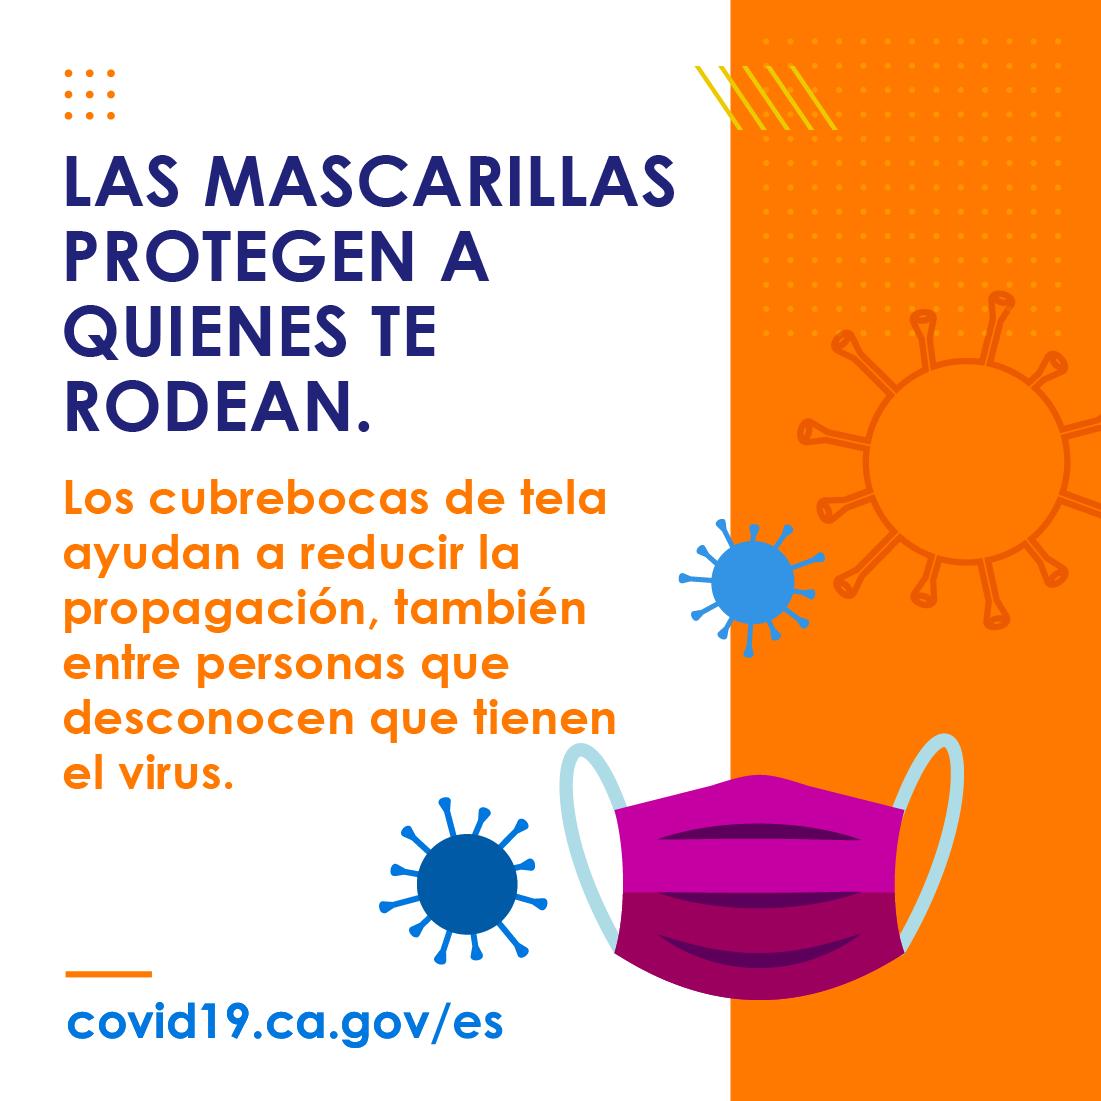 Las Mascarillas Protegen a Quienes Te Rodean. Los cubrebocas de tela ayudan a reducir la propagacion, tambien entre personas que desconocen due tienen el virus.